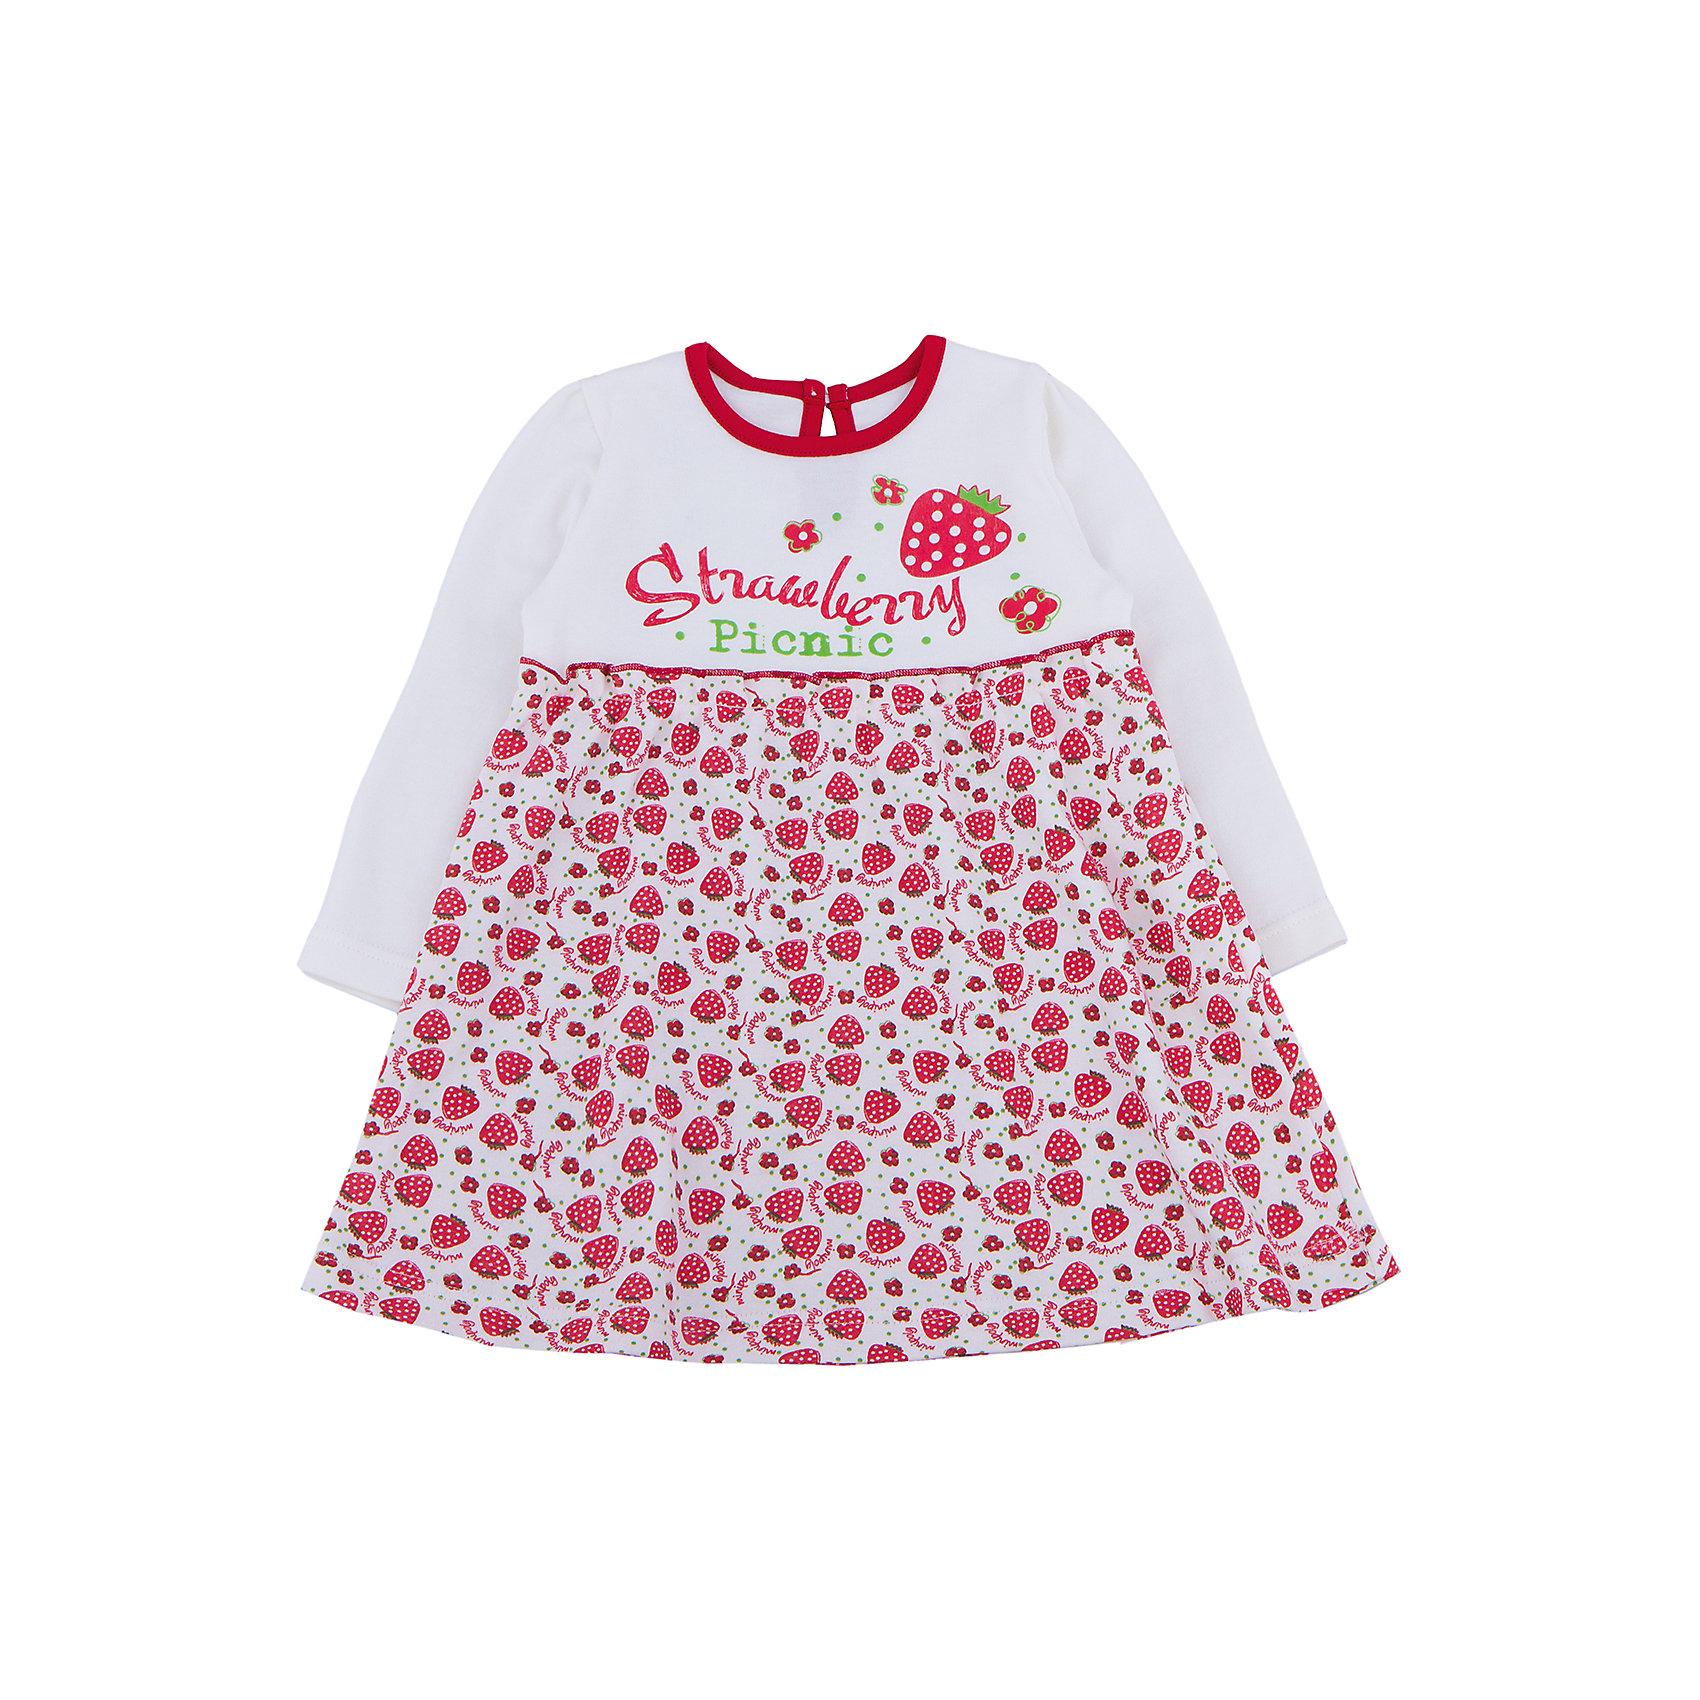 Платье для девочки АпрельПлатье для девочки Апрель.<br><br>Характеристики:<br>• состав: 100% хлопок<br>• цвет: белый/красный<br><br>Платье от известной марки Апрель изготовлено из качественного материала, обеспечивающего девочке комфорт. Оно имеет длинные рукава, расширенный к низу силуэт и круглый ворот. Приятная расцветка платья, несомненно, порадует девочку. Подол платья украшен множеством маленьких клубничек, верх - крупной клубничкой. Платье отлично подходит и для праздника, и для повседневной носки.<br><br>Вы можете купить платье для девочки Апрель в нашем интернет-магазине.<br><br>Ширина мм: 236<br>Глубина мм: 16<br>Высота мм: 184<br>Вес г: 177<br>Цвет: красный<br>Возраст от месяцев: 6<br>Возраст до месяцев: 9<br>Пол: Женский<br>Возраст: Детский<br>Размер: 74,98,92,86,80<br>SKU: 4936949